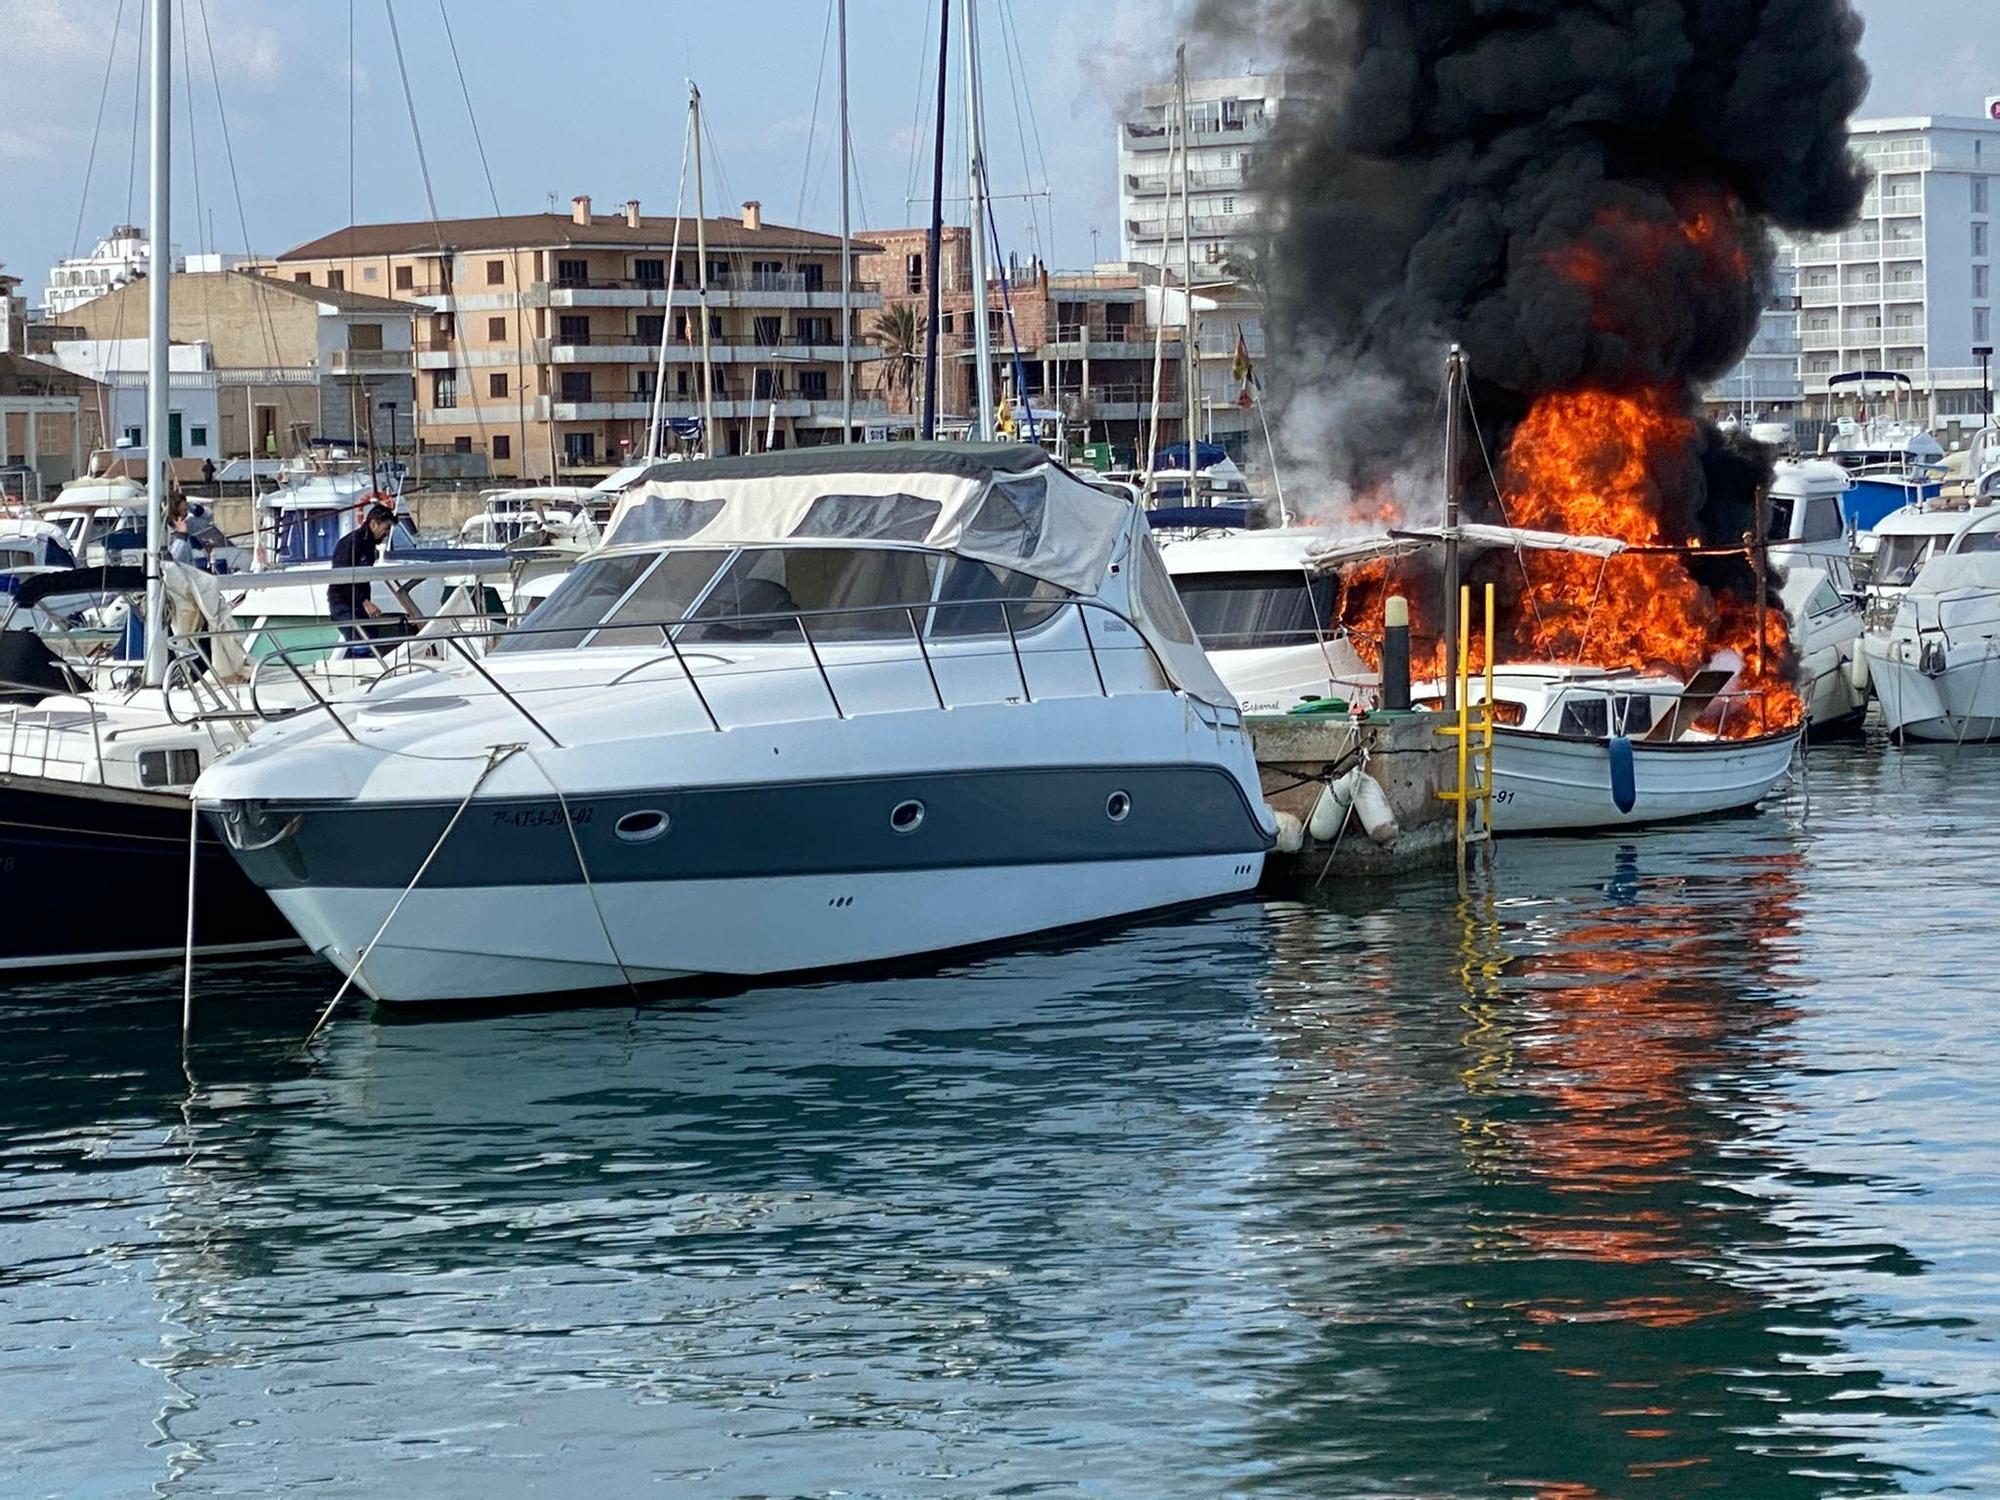 Un incendio destruye varios barcos atracados en el club náutico de Can Picafort